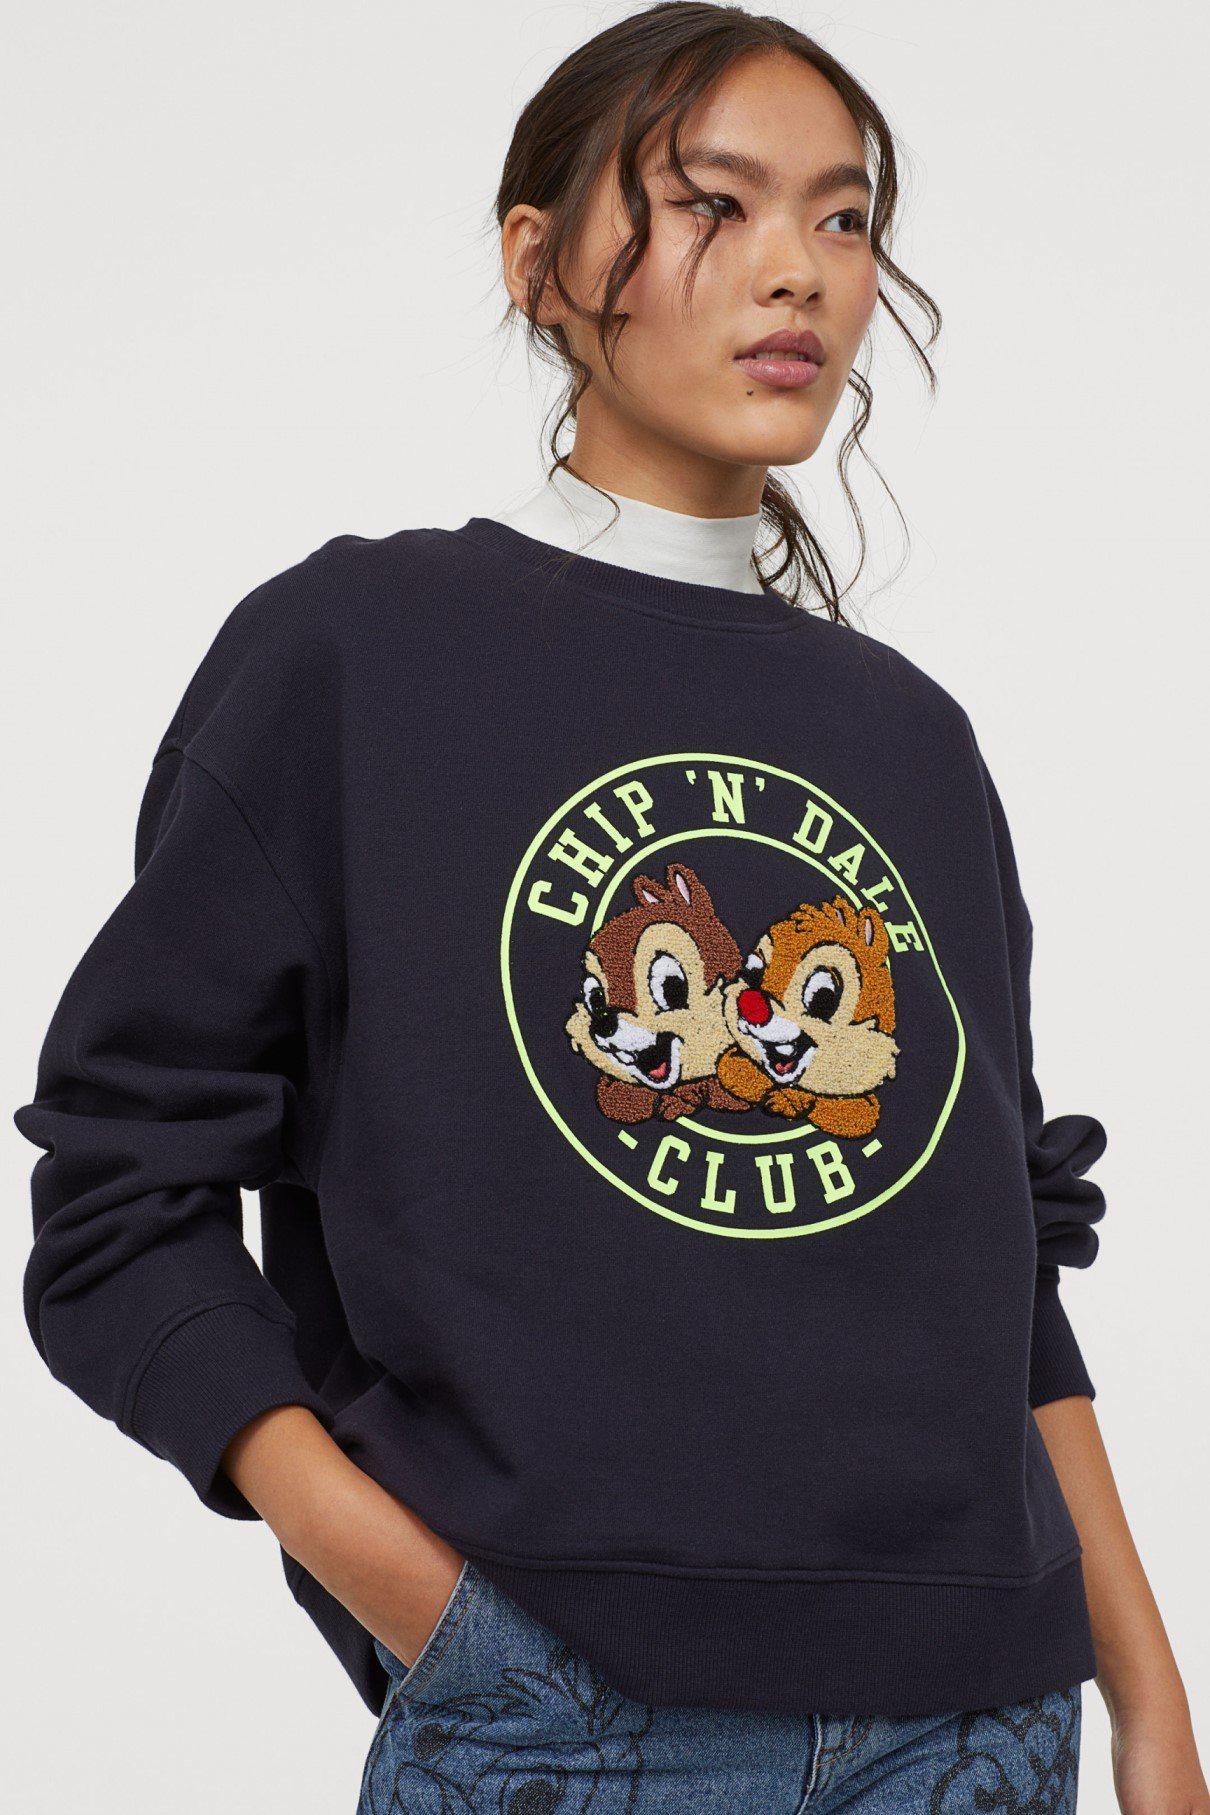 H&M今年秋冬與「CHIP'N' DALE」合作推出時尚女裝系列。圖/H&M提供